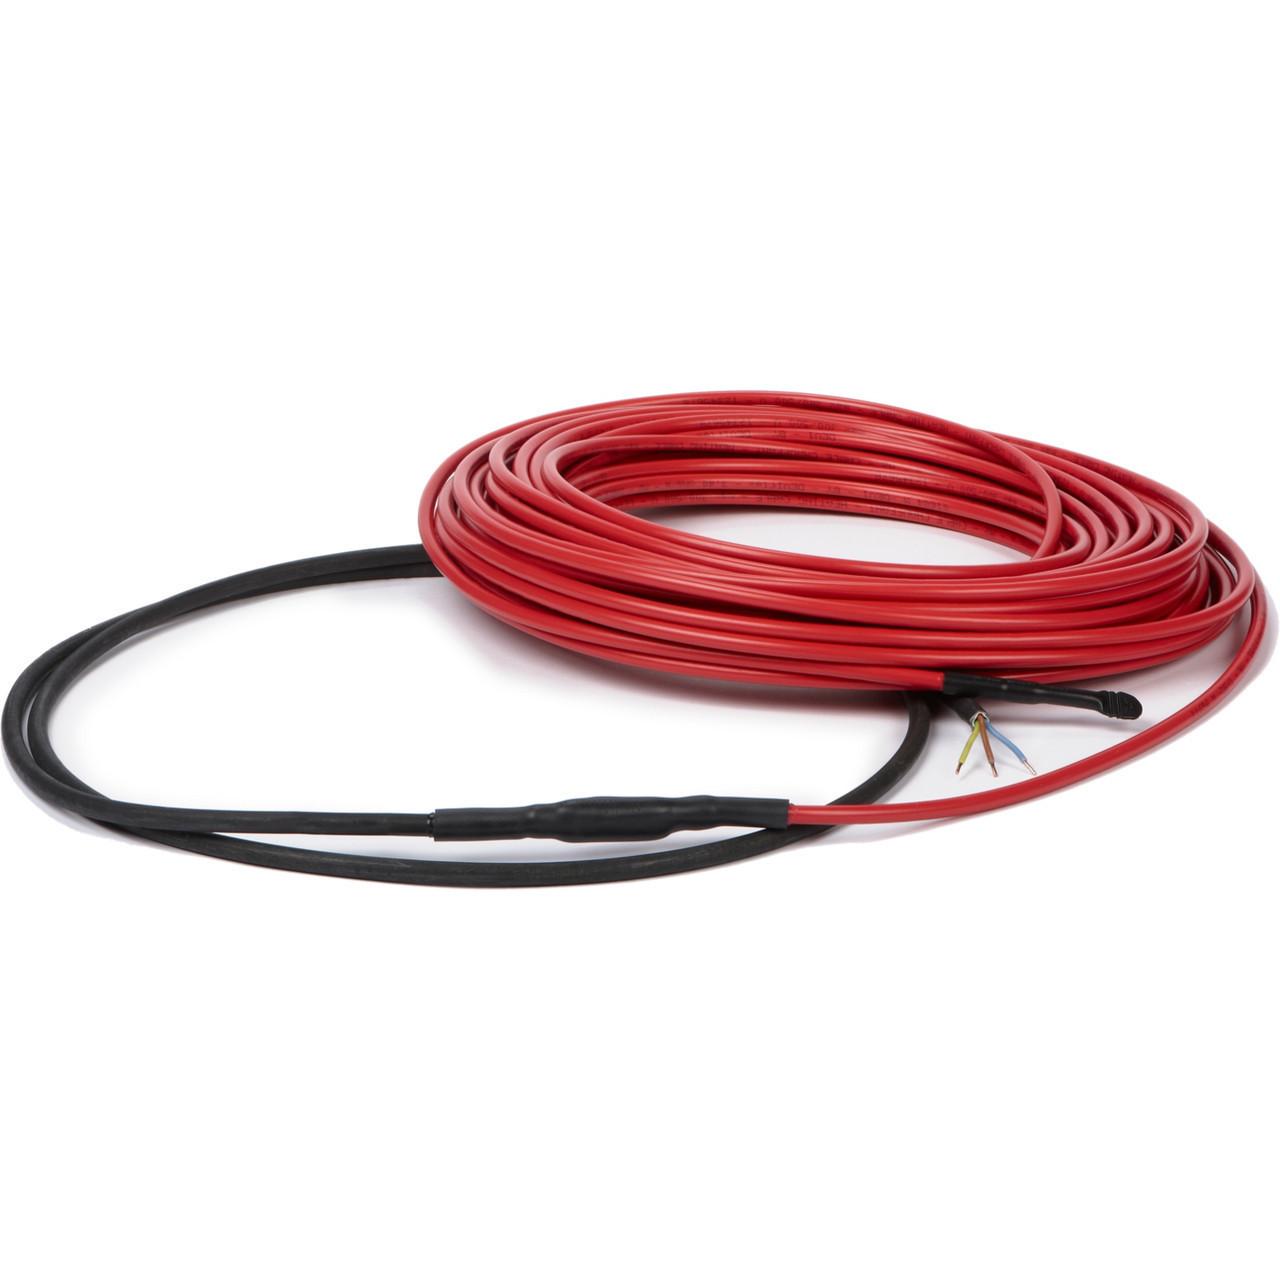 Теплый пол DeviComfort 10T двужильный, тонкий кабель с сплошным экраном, 1400W, 8.7 м.кв.(87101122)